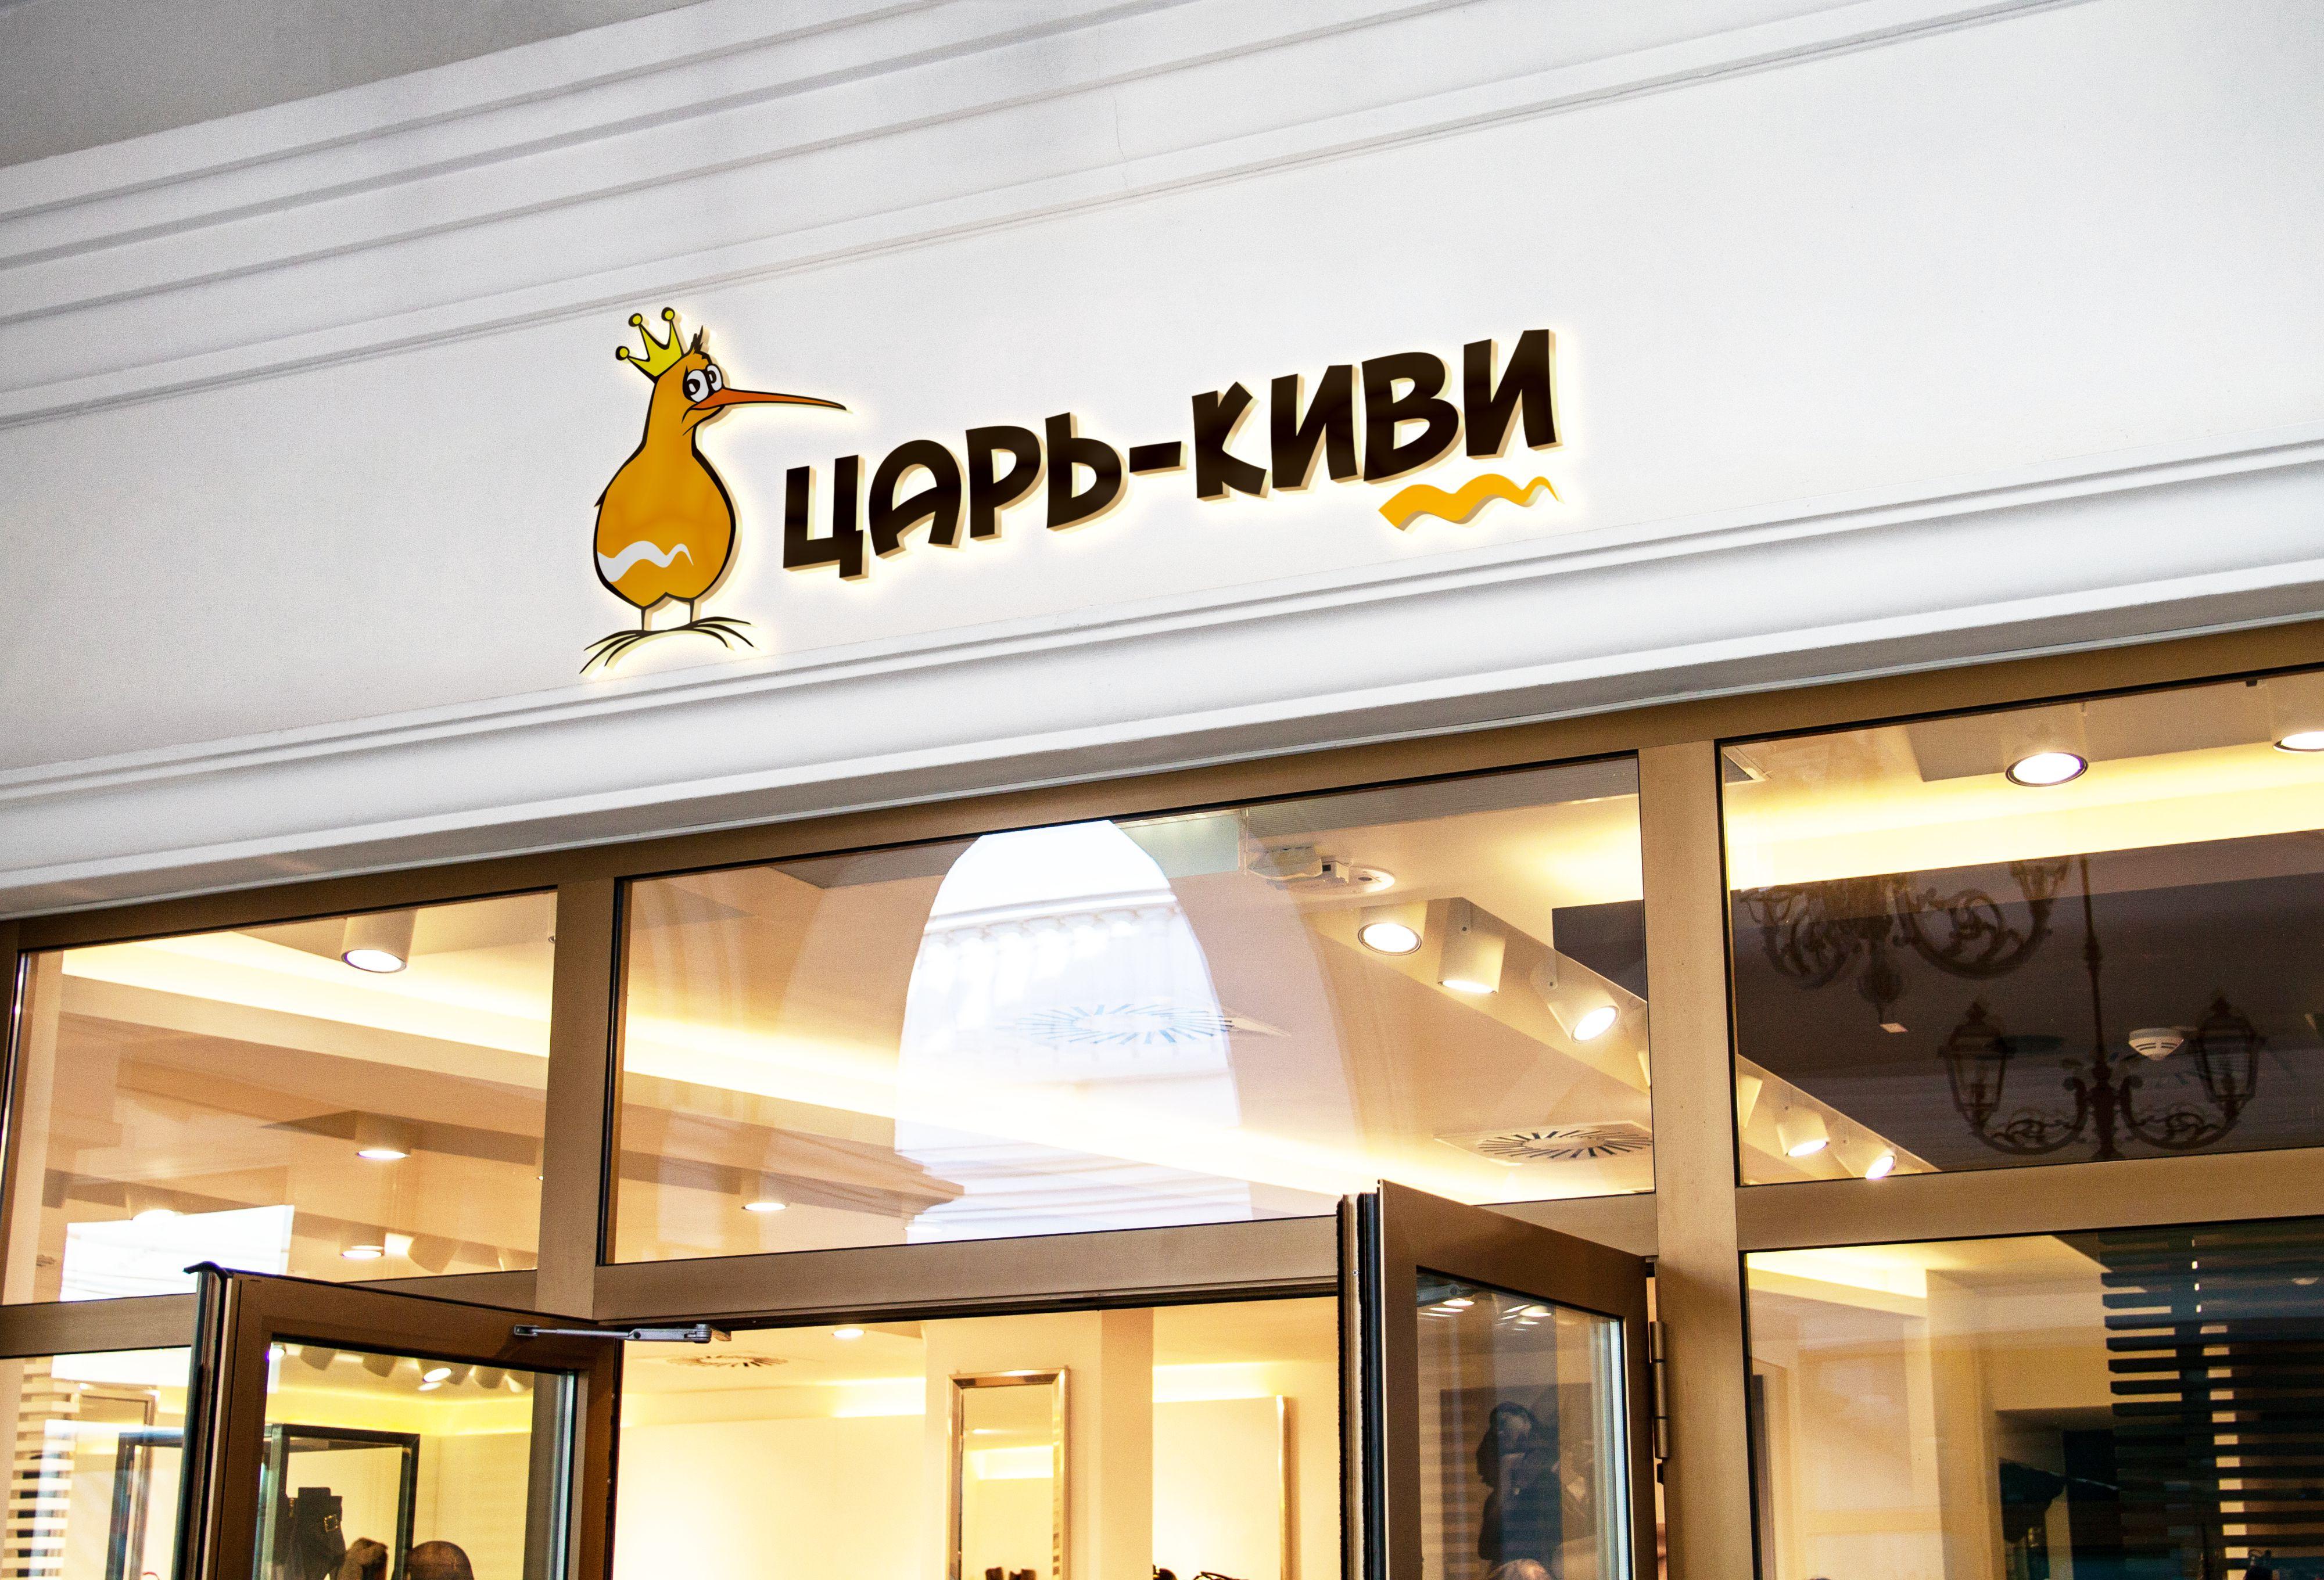 """Доработать дизайн логотипа кафе-кондитерской """"Царь-Киви"""" фото f_0145a070802348ab.jpg"""